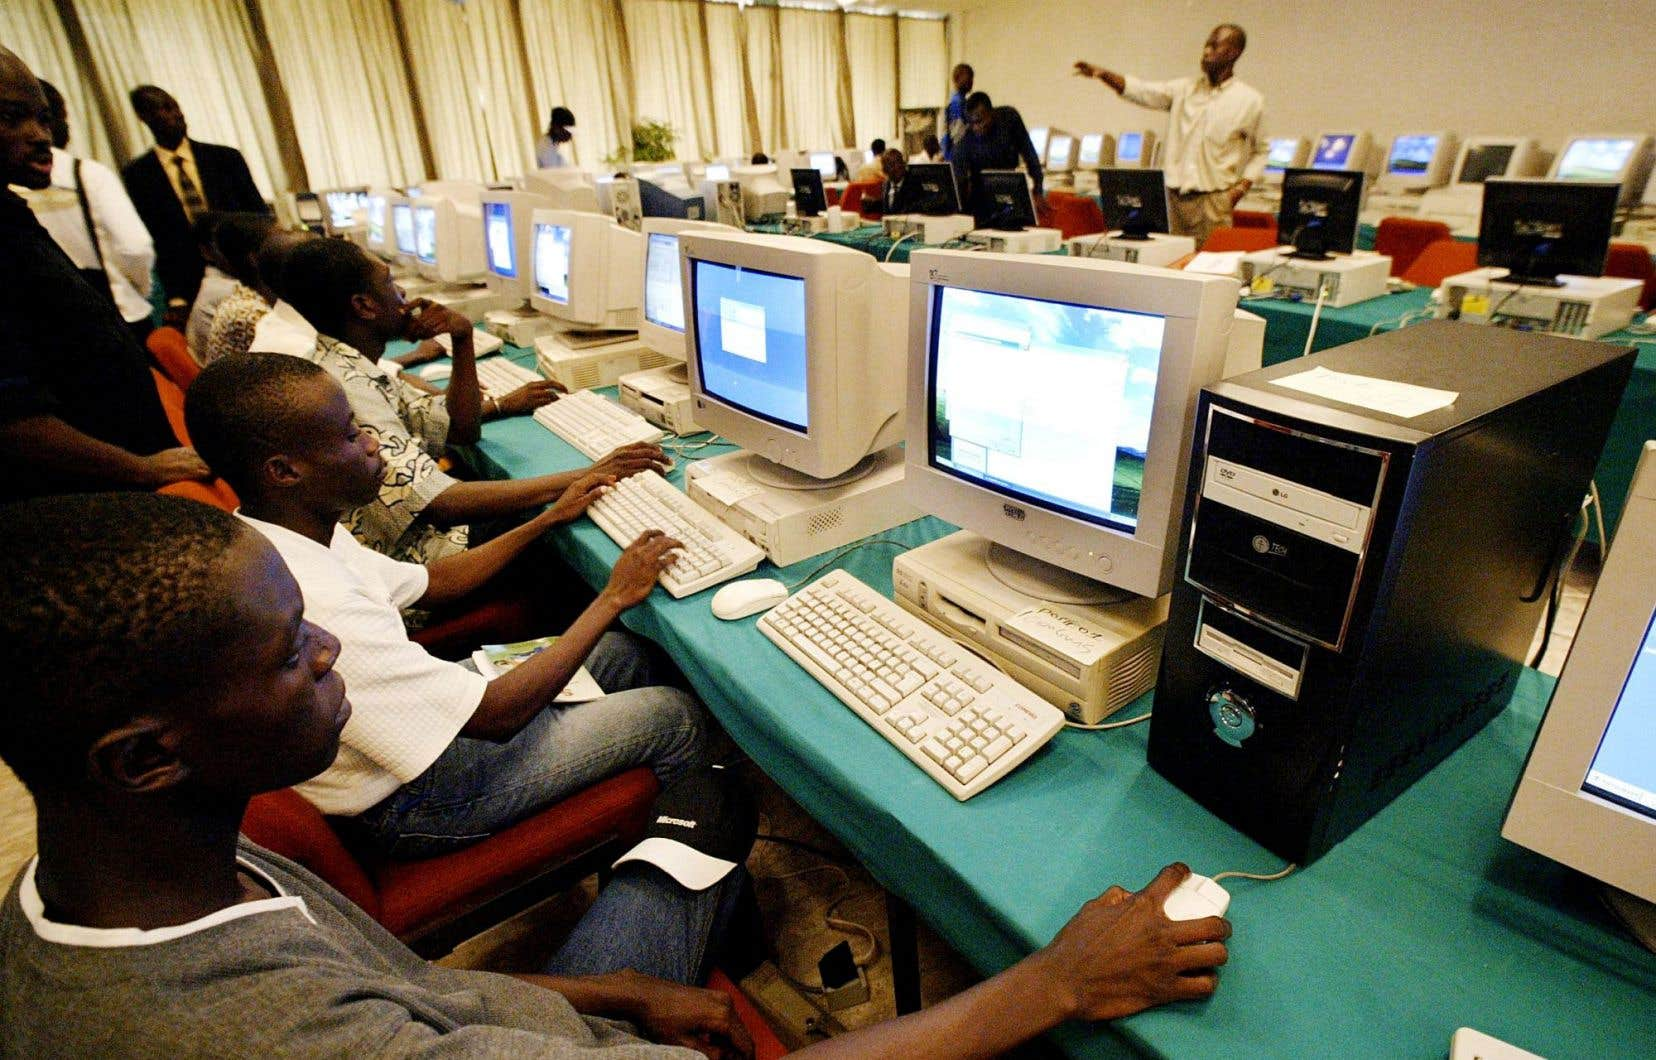 «On sait qu'il y a de plus en plus de matériel disponible, de téléphones portables, de téléphones intelligents et maintenant de tablettes, notamment en Afrique. Le développement des technologies a fait que de plus en plus d'enseignants se sont équipés et que la question de l'utilisation de ces outils se pose», assure Pierre-Jean Loiret, coordonnateur de projets numériques éducatifs pour l'Agence universitaire de la francophonie.